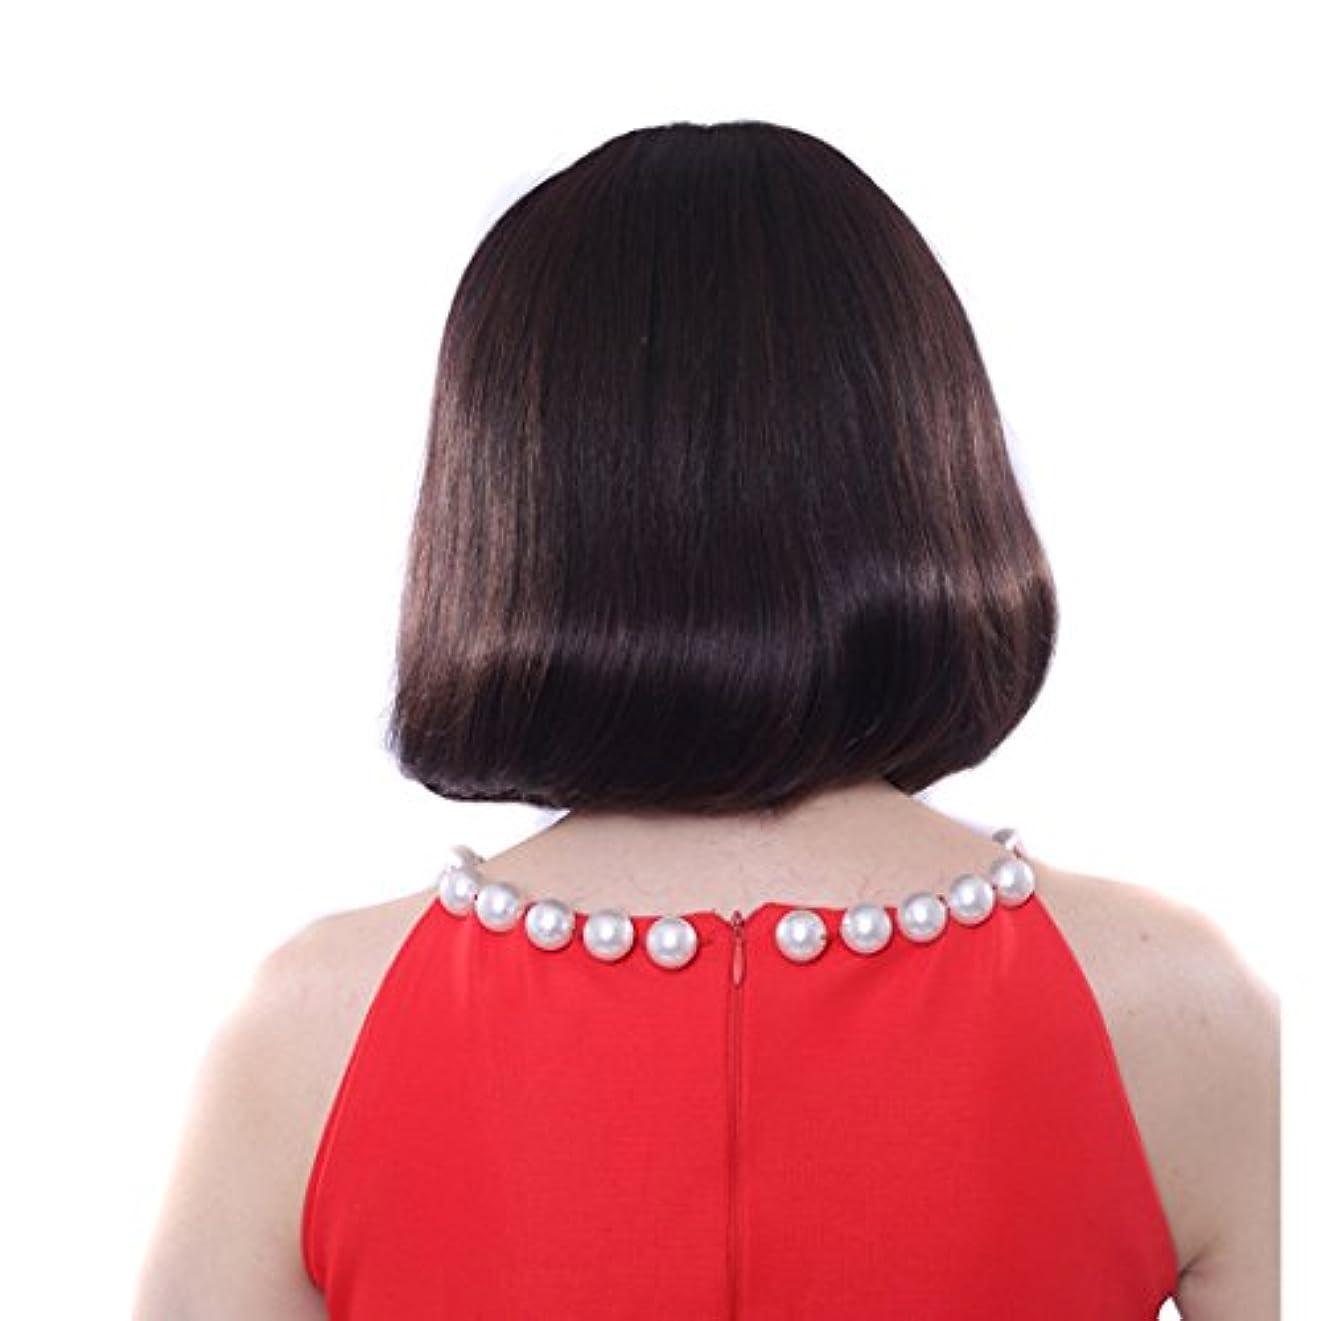 倒錯カッター誰のYOUQIU 現実的な人間の自然なかつらの内部梨髪シルクヘアボボヘッドウィッグカーリーフラット前髪ウィッグFuffyインナー梨髪の長さが26センチメートルウィッグ (色 : 黒)